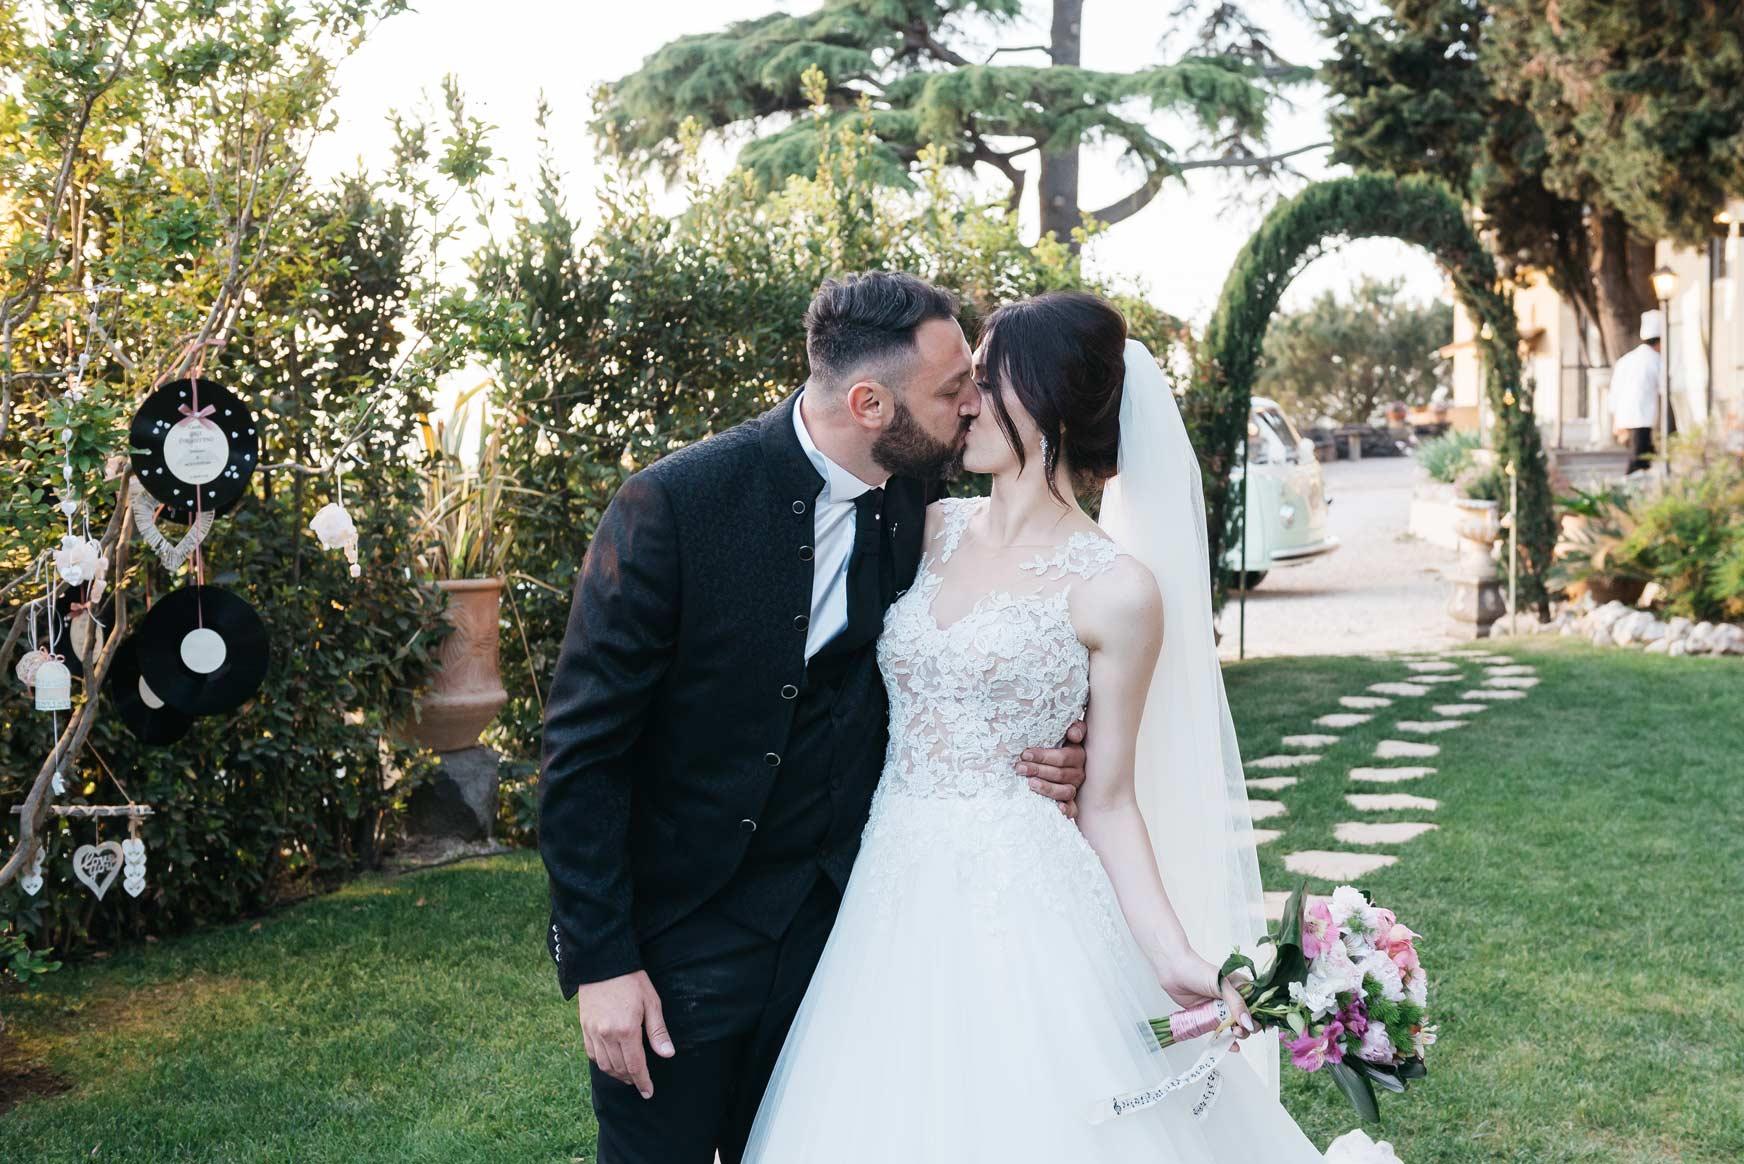 Fotografo-Sposi-Roma-Fotografi-Matrimonio-A&D